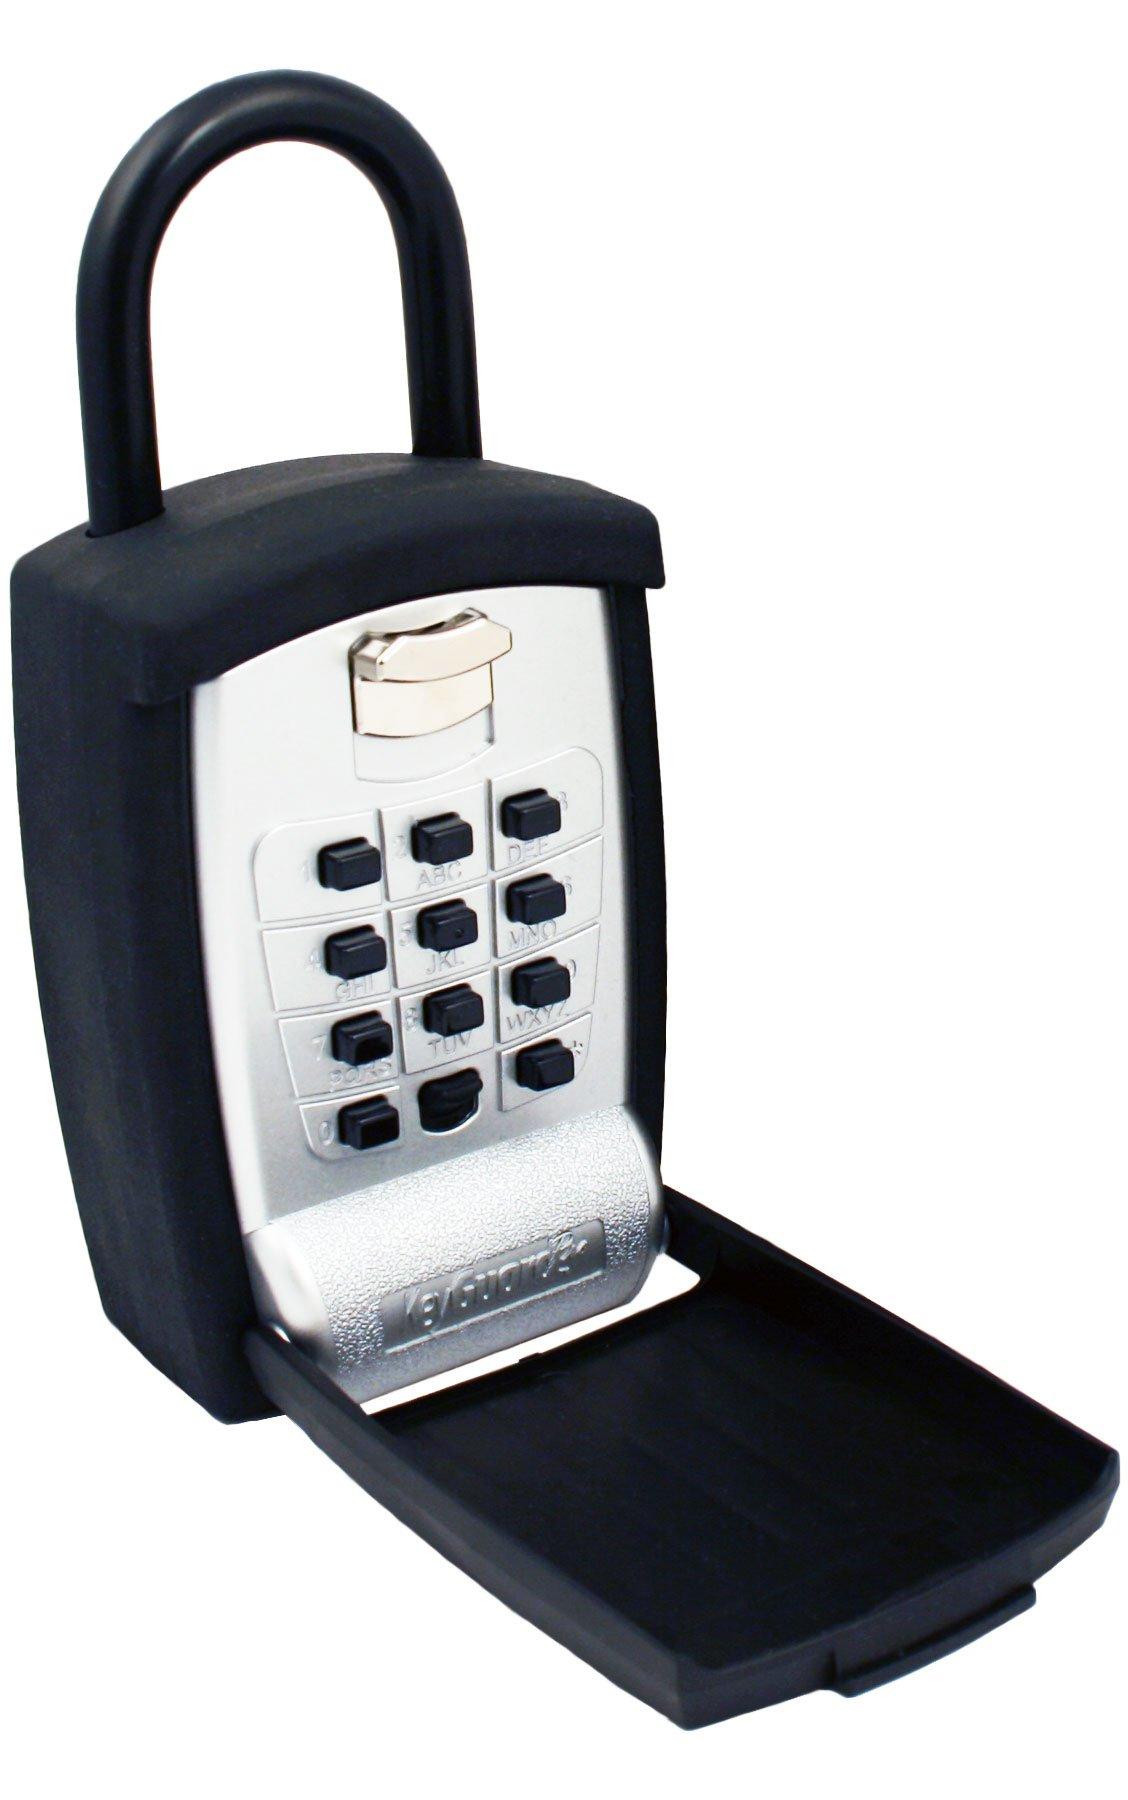 KeyGuard SL-500 Punch Button Lockbox by KeyGuard